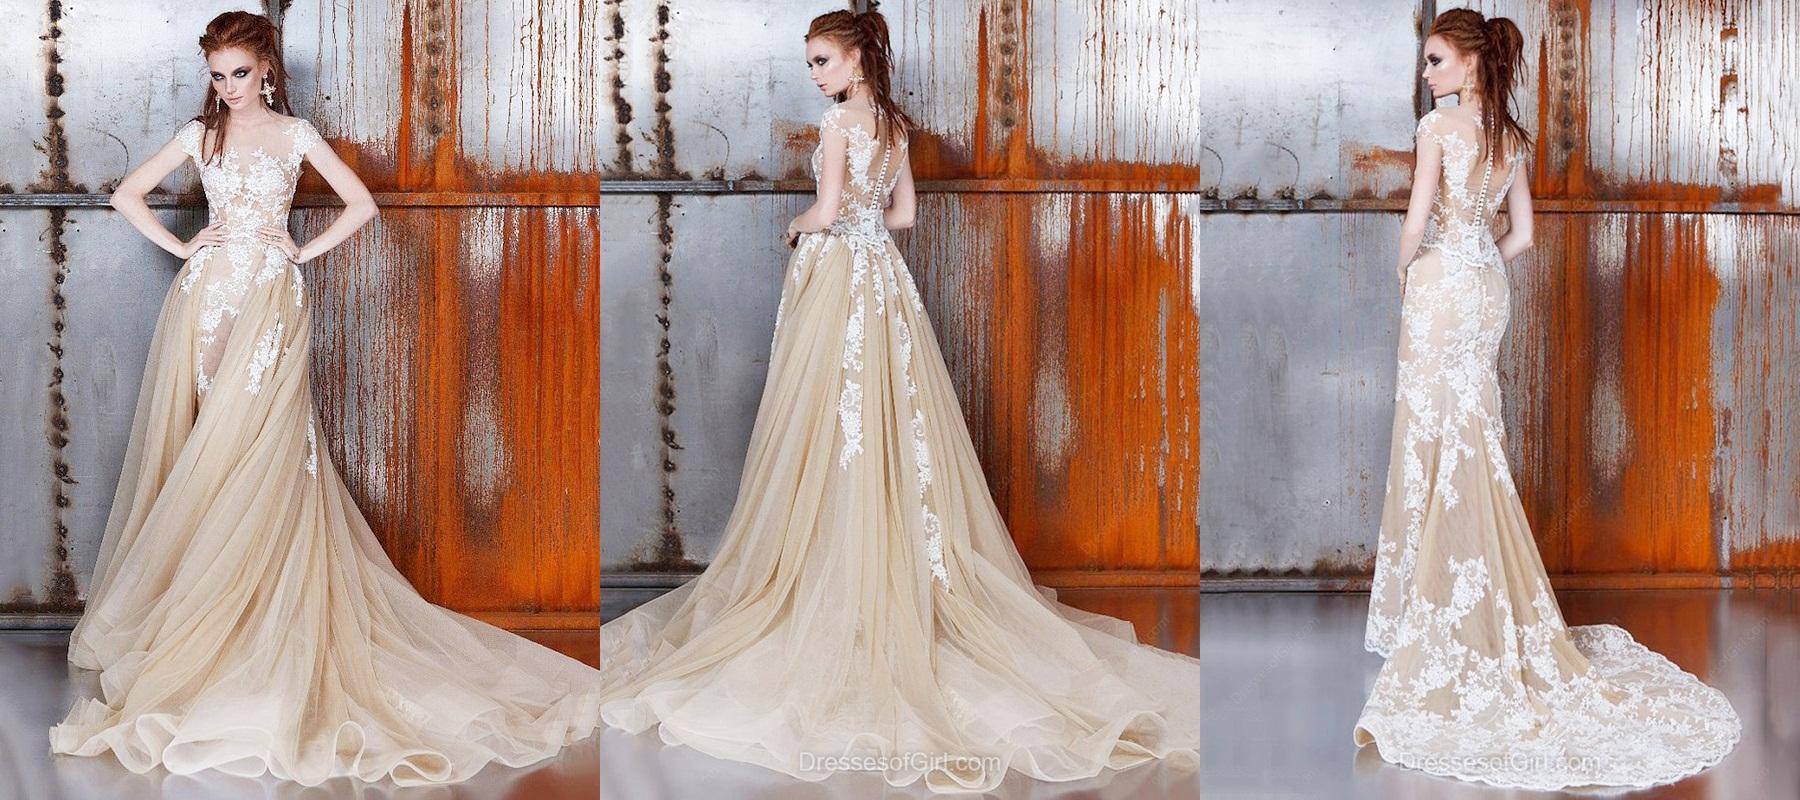 vestidoachado3 Moda de rua: Maio é o mês das noivas!? Inspire-se com os vestidos da Dress Of Girl